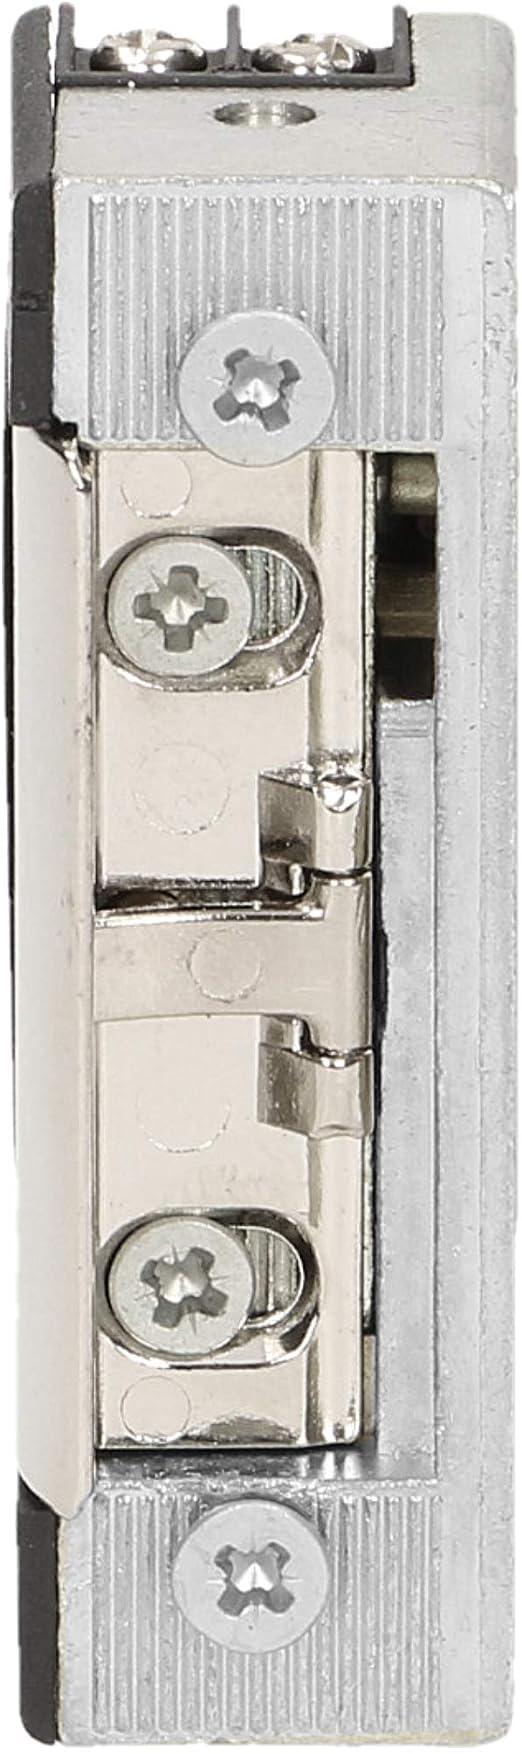 ORNO Cerradura Electrica Para Puerta Izquierda y Derecha, Ajuste De Rigidez 8-14V AC/DC (Memoria): Amazon.es: Bricolaje y herramientas